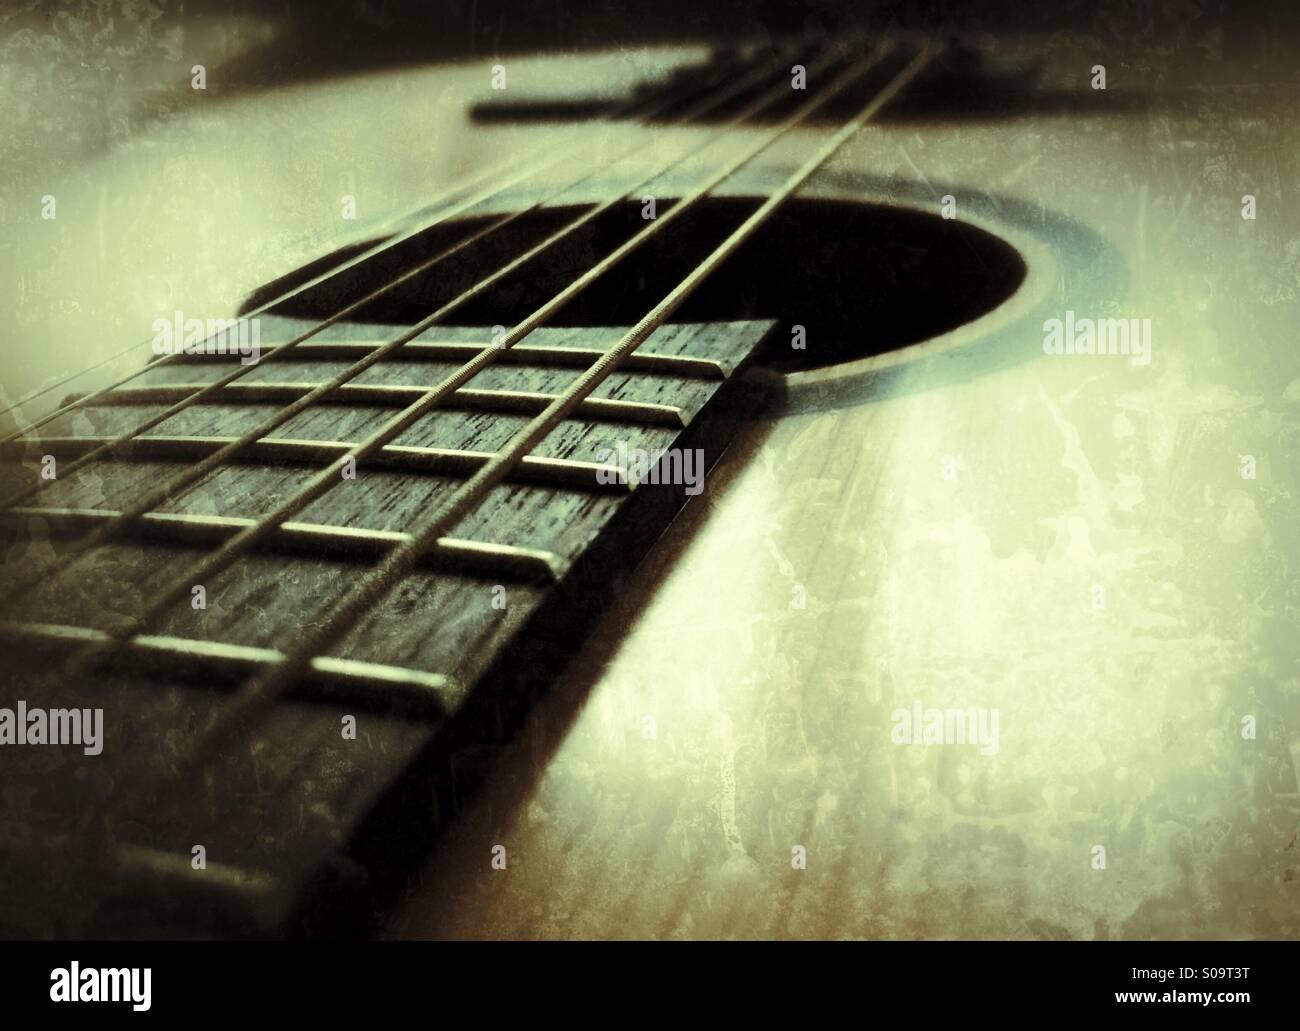 Cerca de las cuerdas de acero en una guitarra clásica. Imagen De Stock